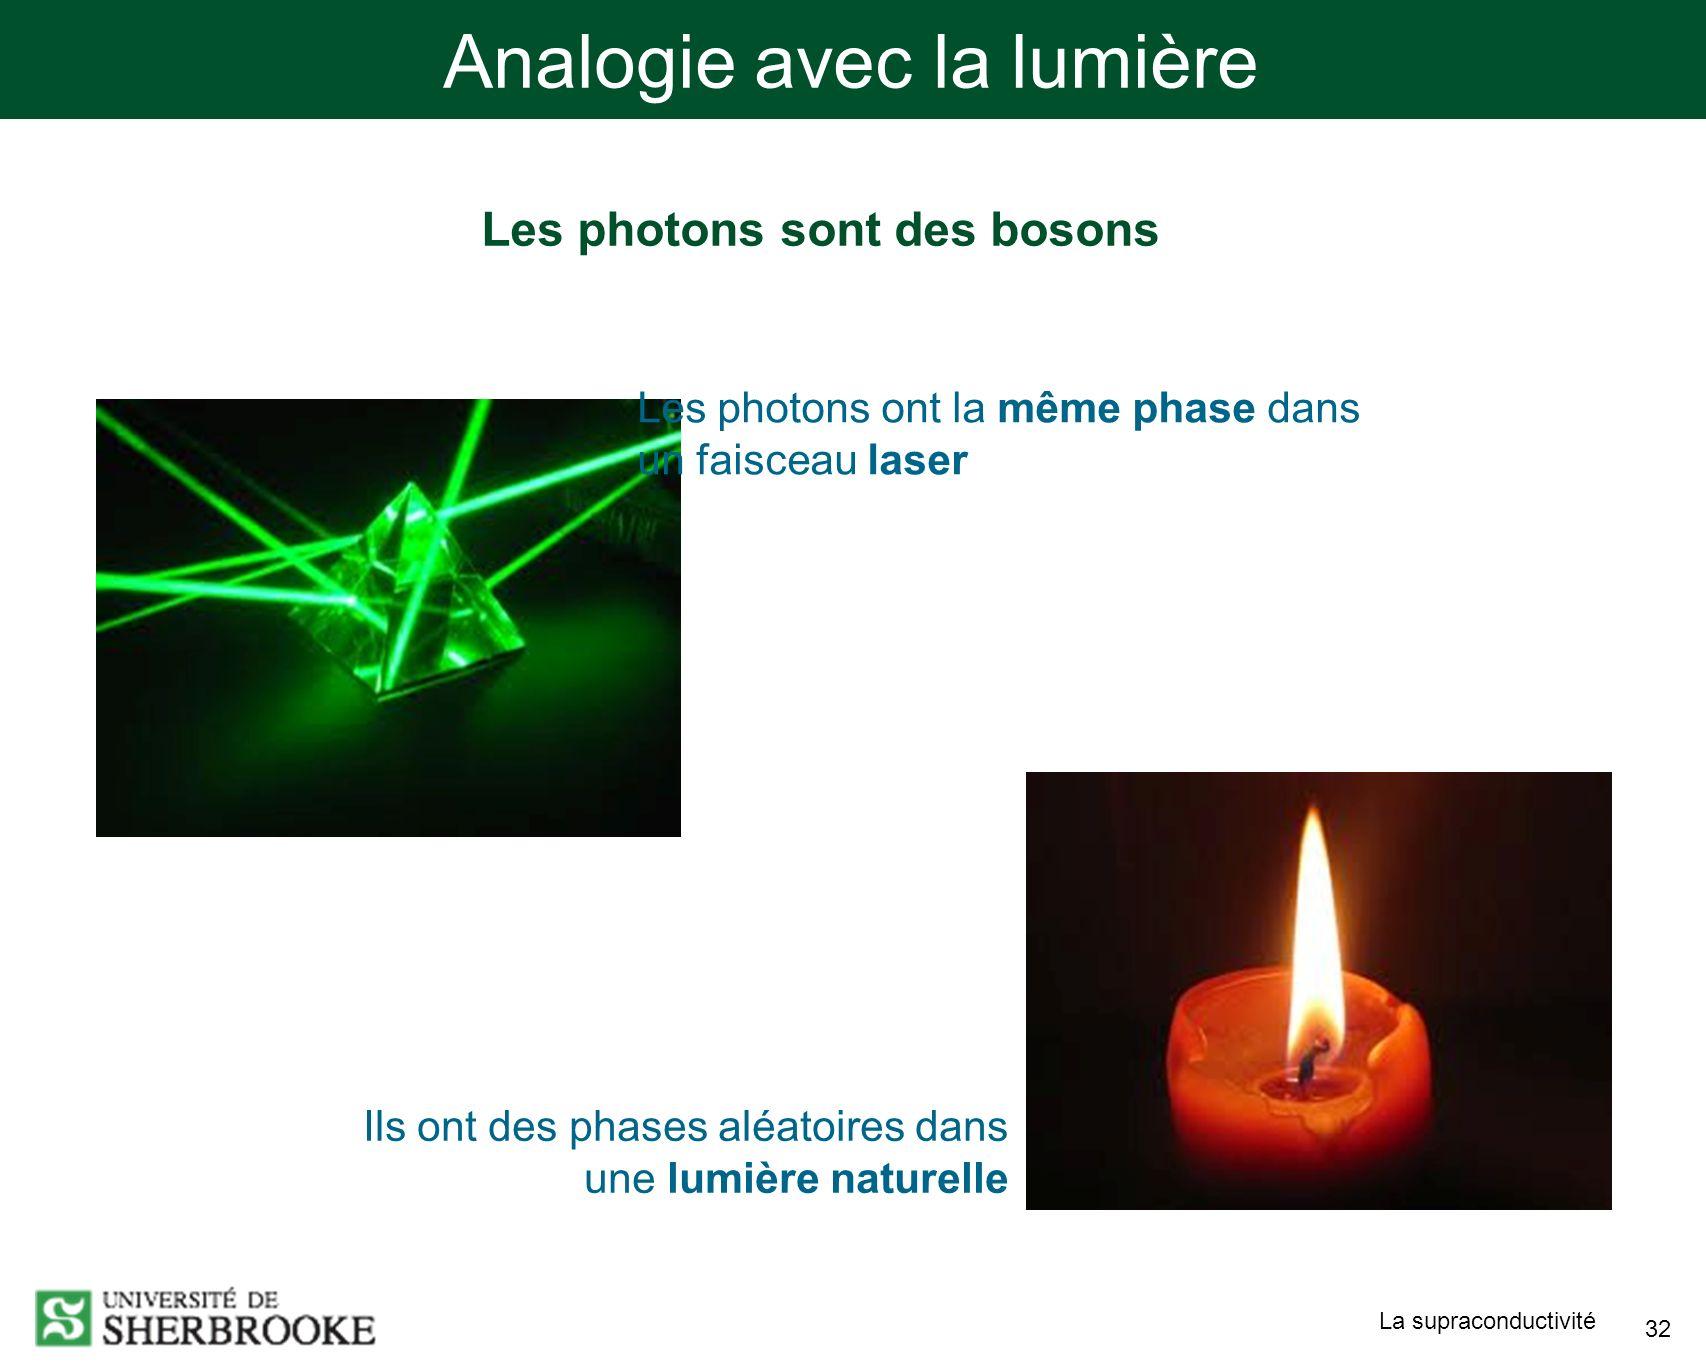 La supraconductivité 32 Analogie avec la lumière Les photons ont la même phase dans un faisceau laser Ils ont des phases aléatoires dans une lumière naturelle Les photons sont des bosons